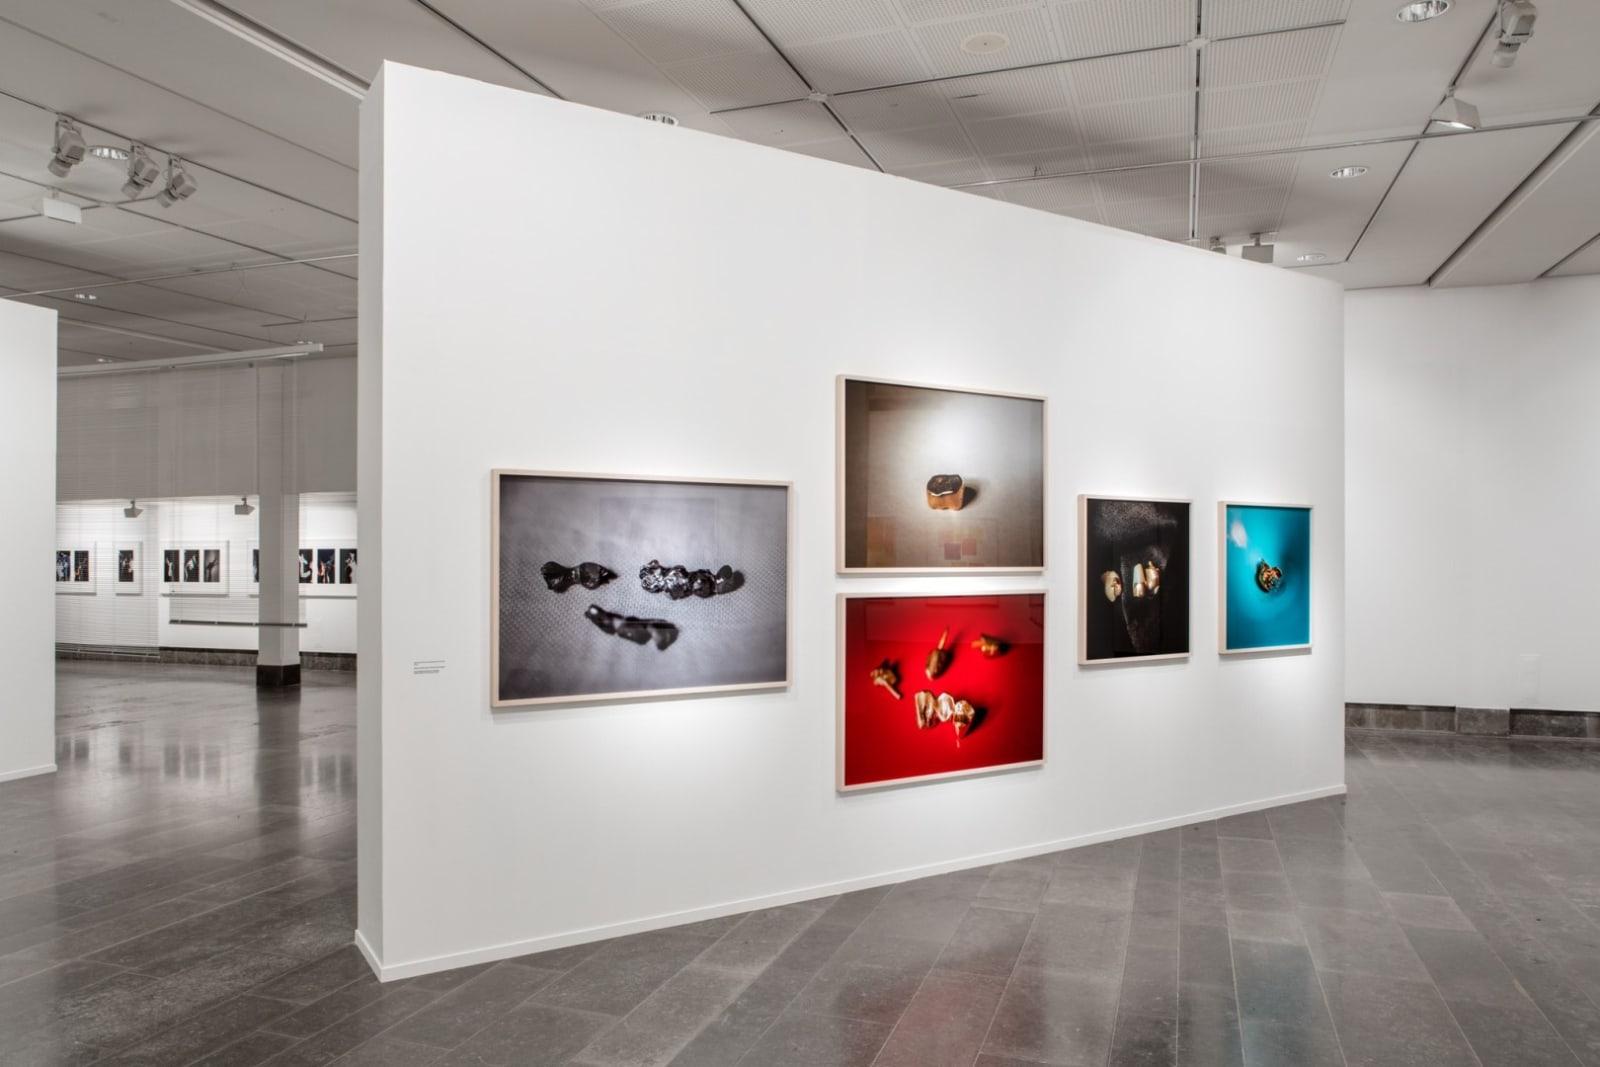 Annika von Hausswolff Installation view 'Annika von Hausswolff – Grand Theory Hotel' at Hasselblad Foundation, Gothenburg, Sweden, 2016